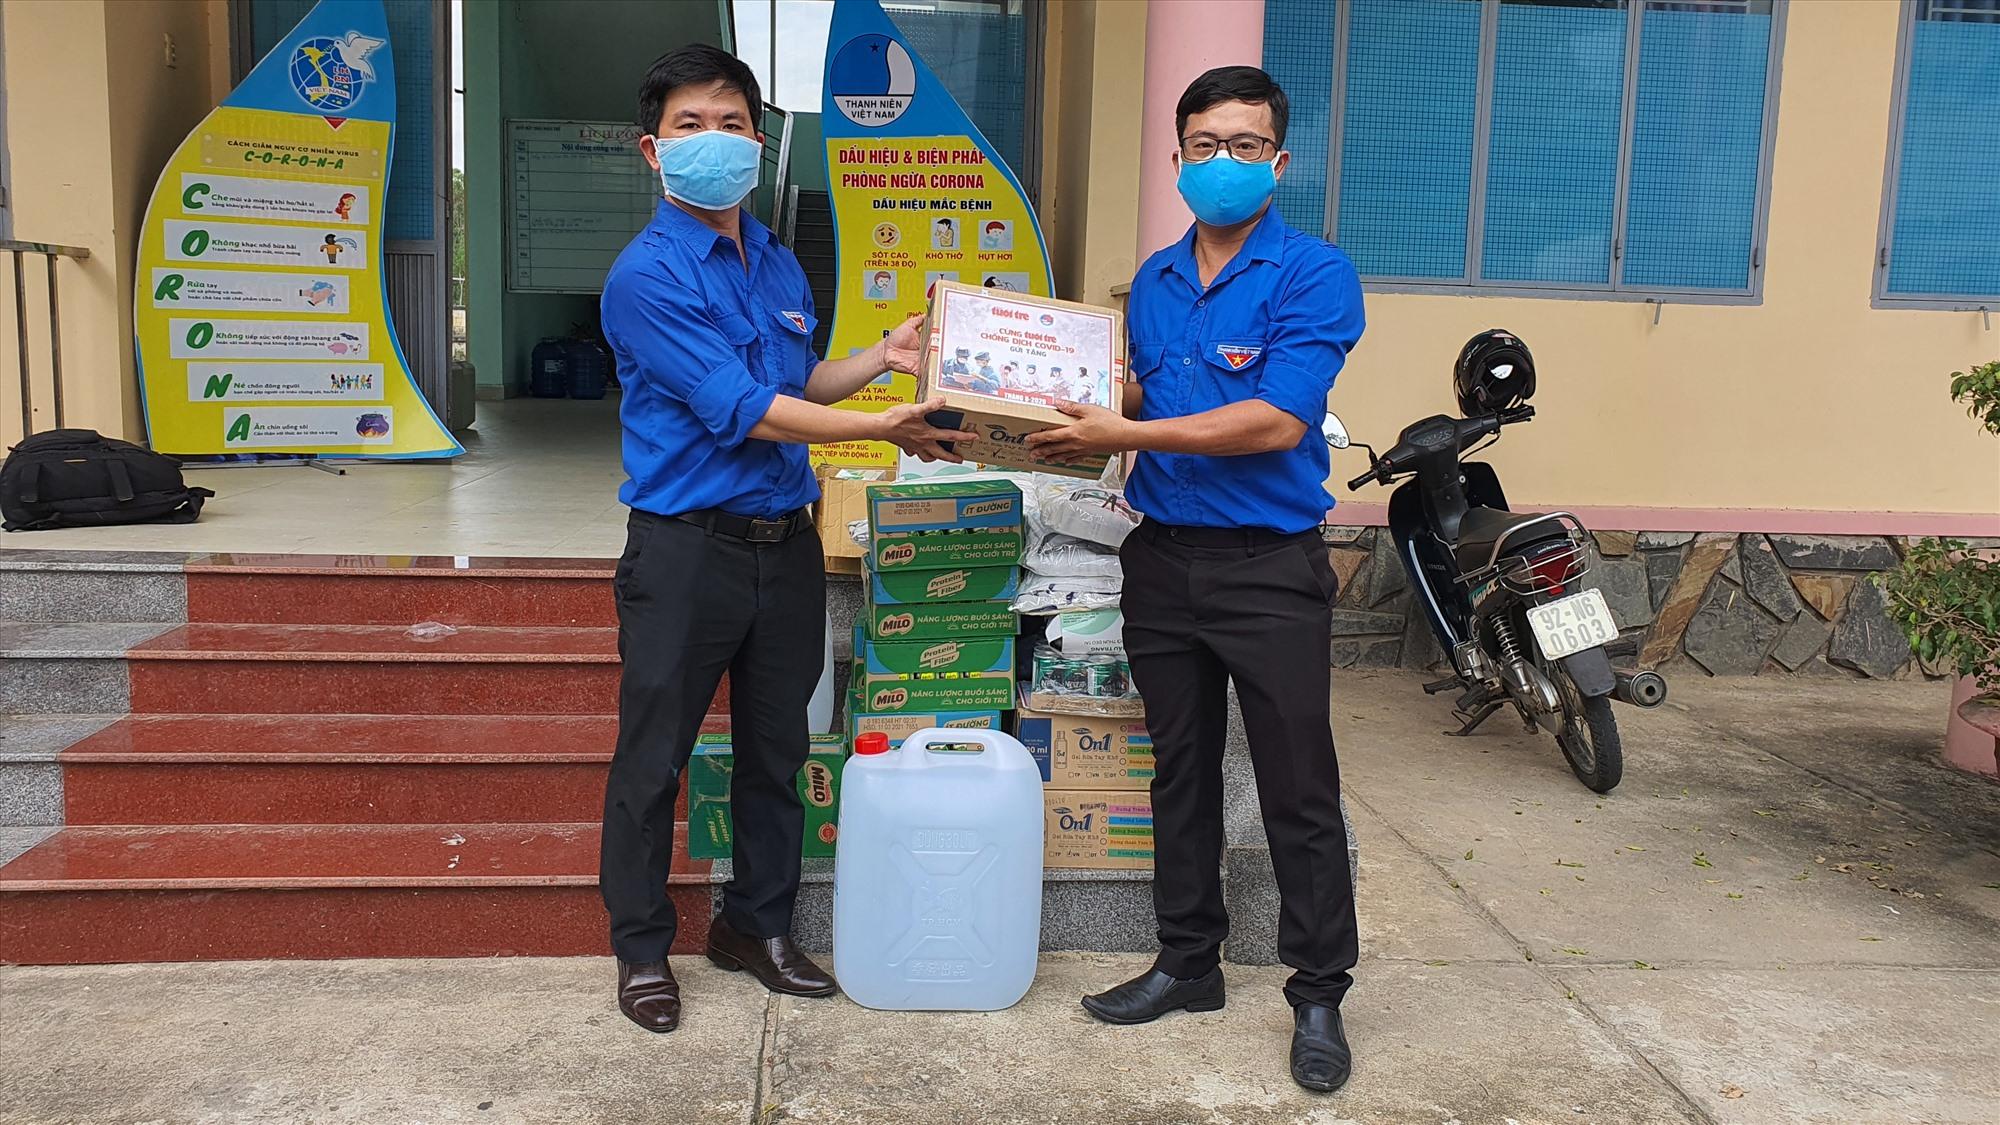 Phó Bí thư Tỉnh đoàn- đồng chí Lê Quang Quỳnh trao tặng những vật phẩm bảo hộ và tiếp sức lực lượng phòng chống dịch cho Huyện đoàn Quế Sơn.